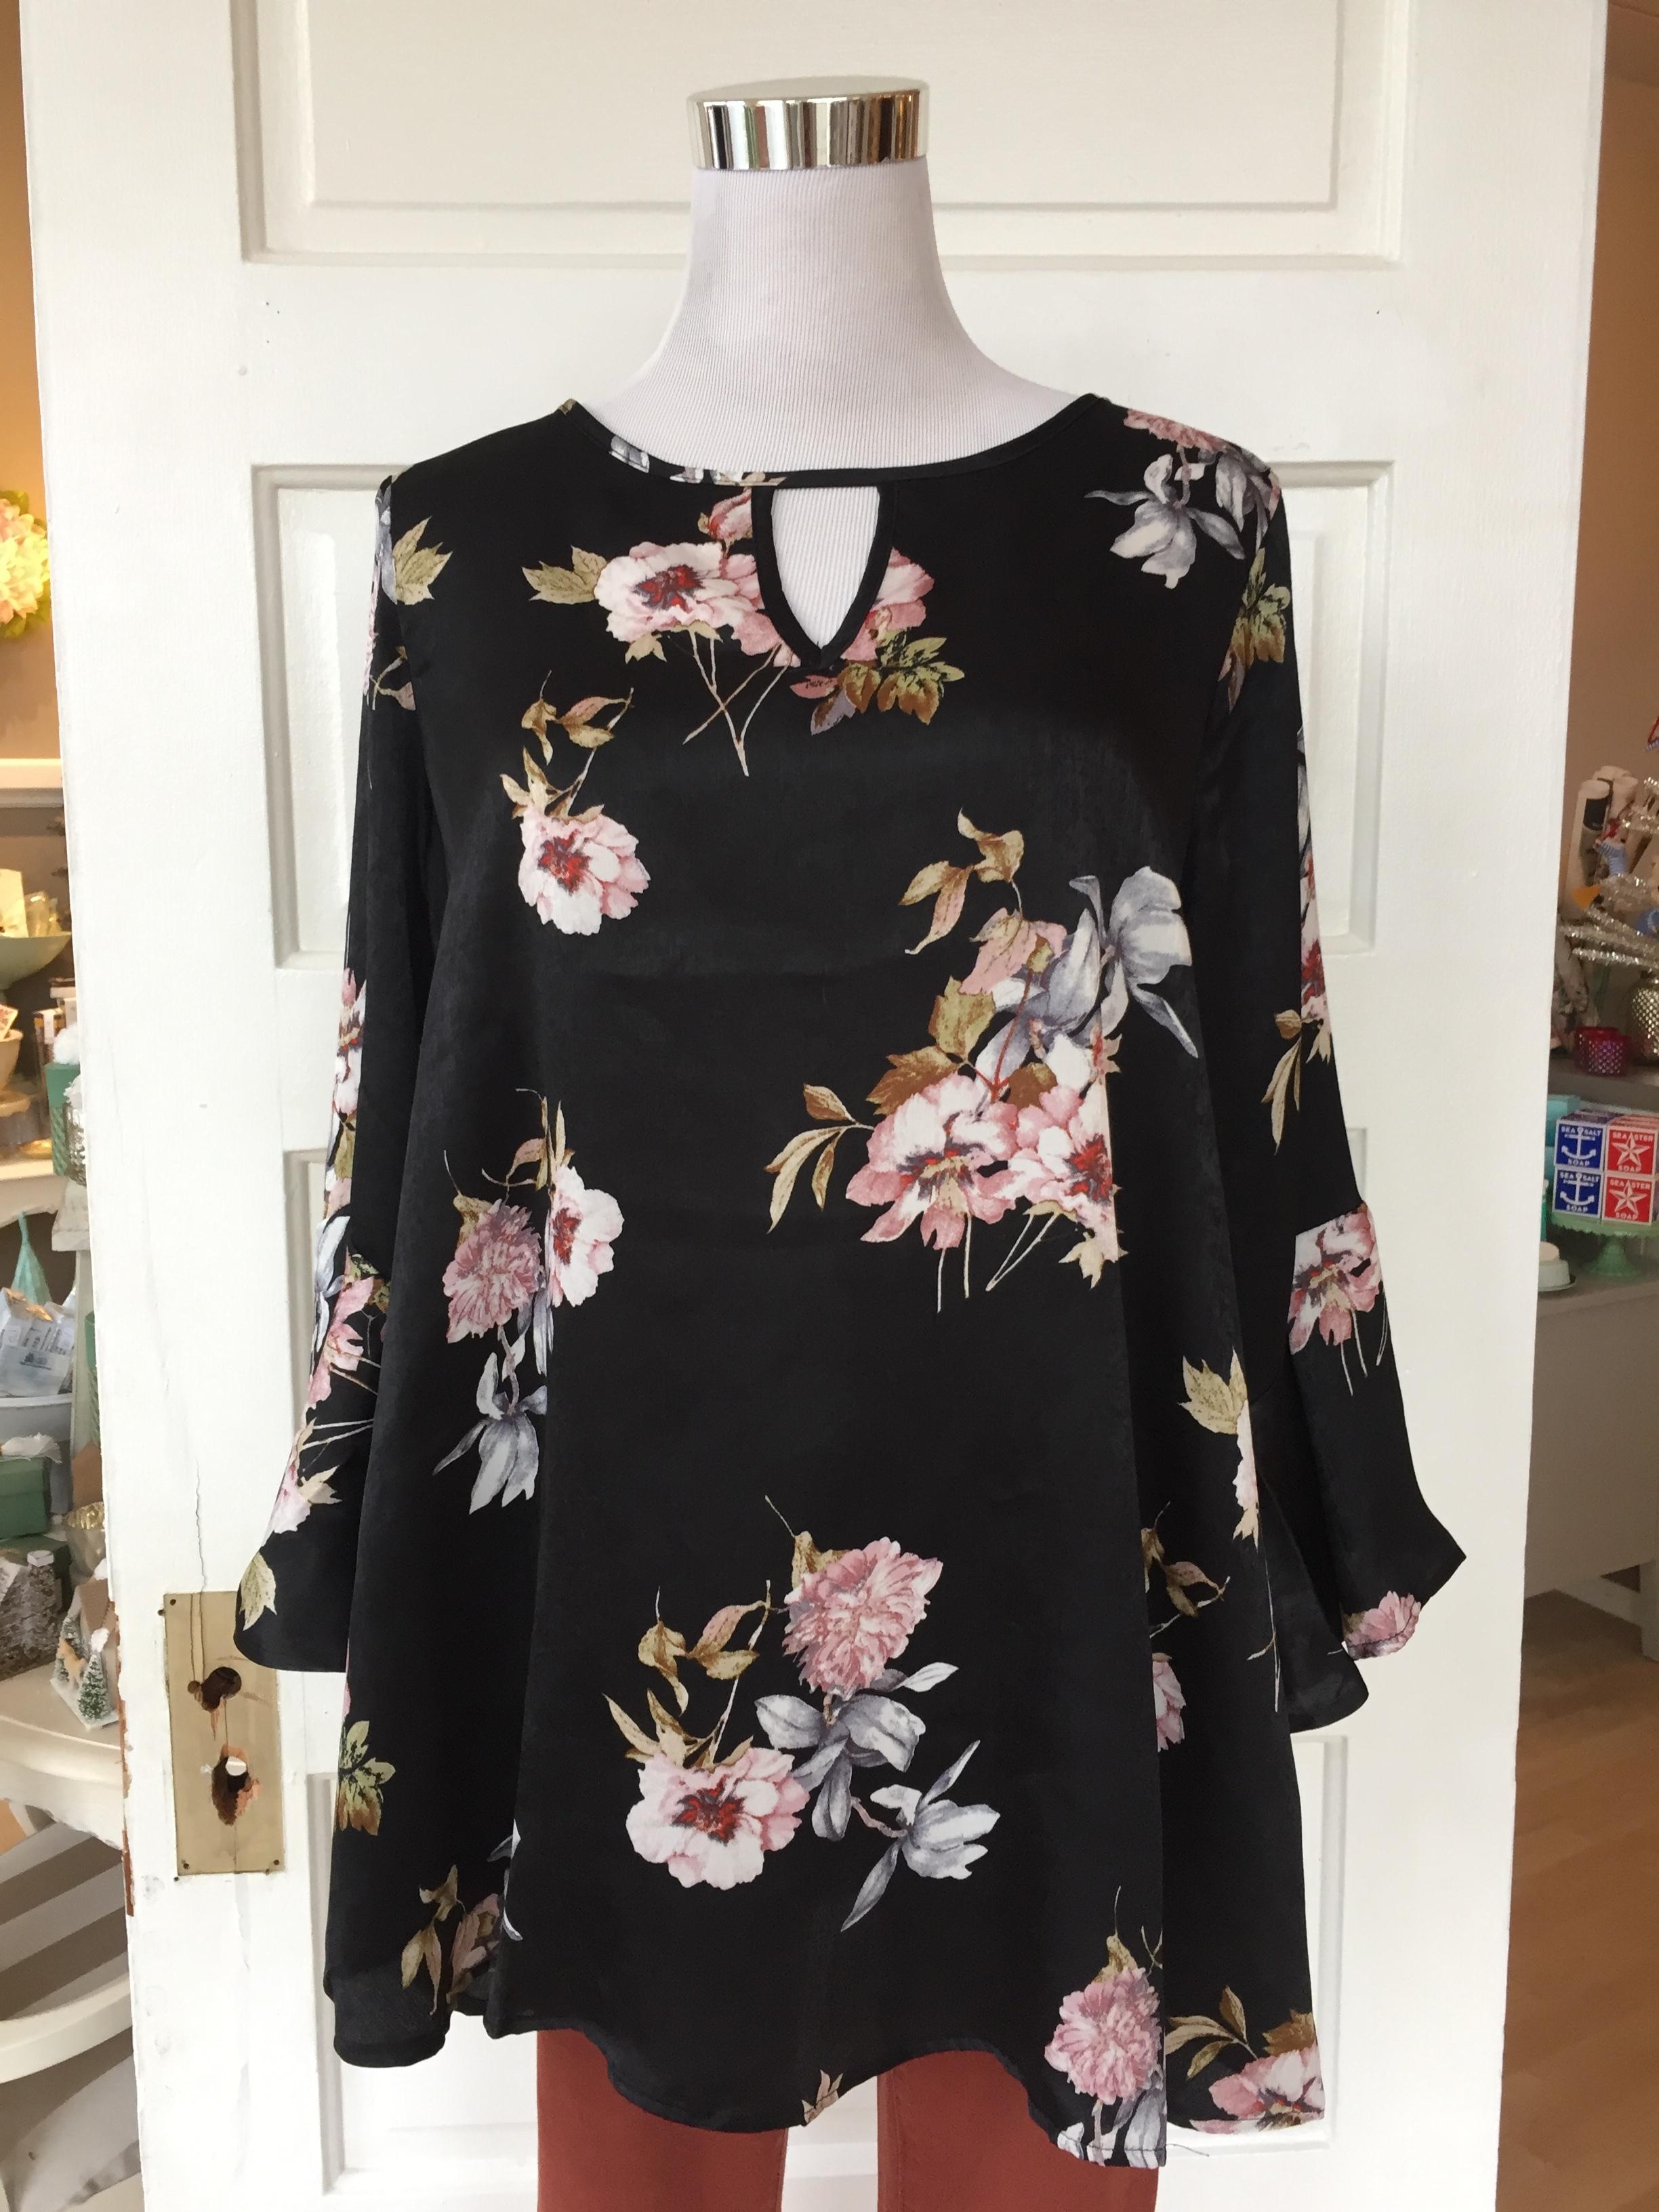 Flowy floral blouse ($32)